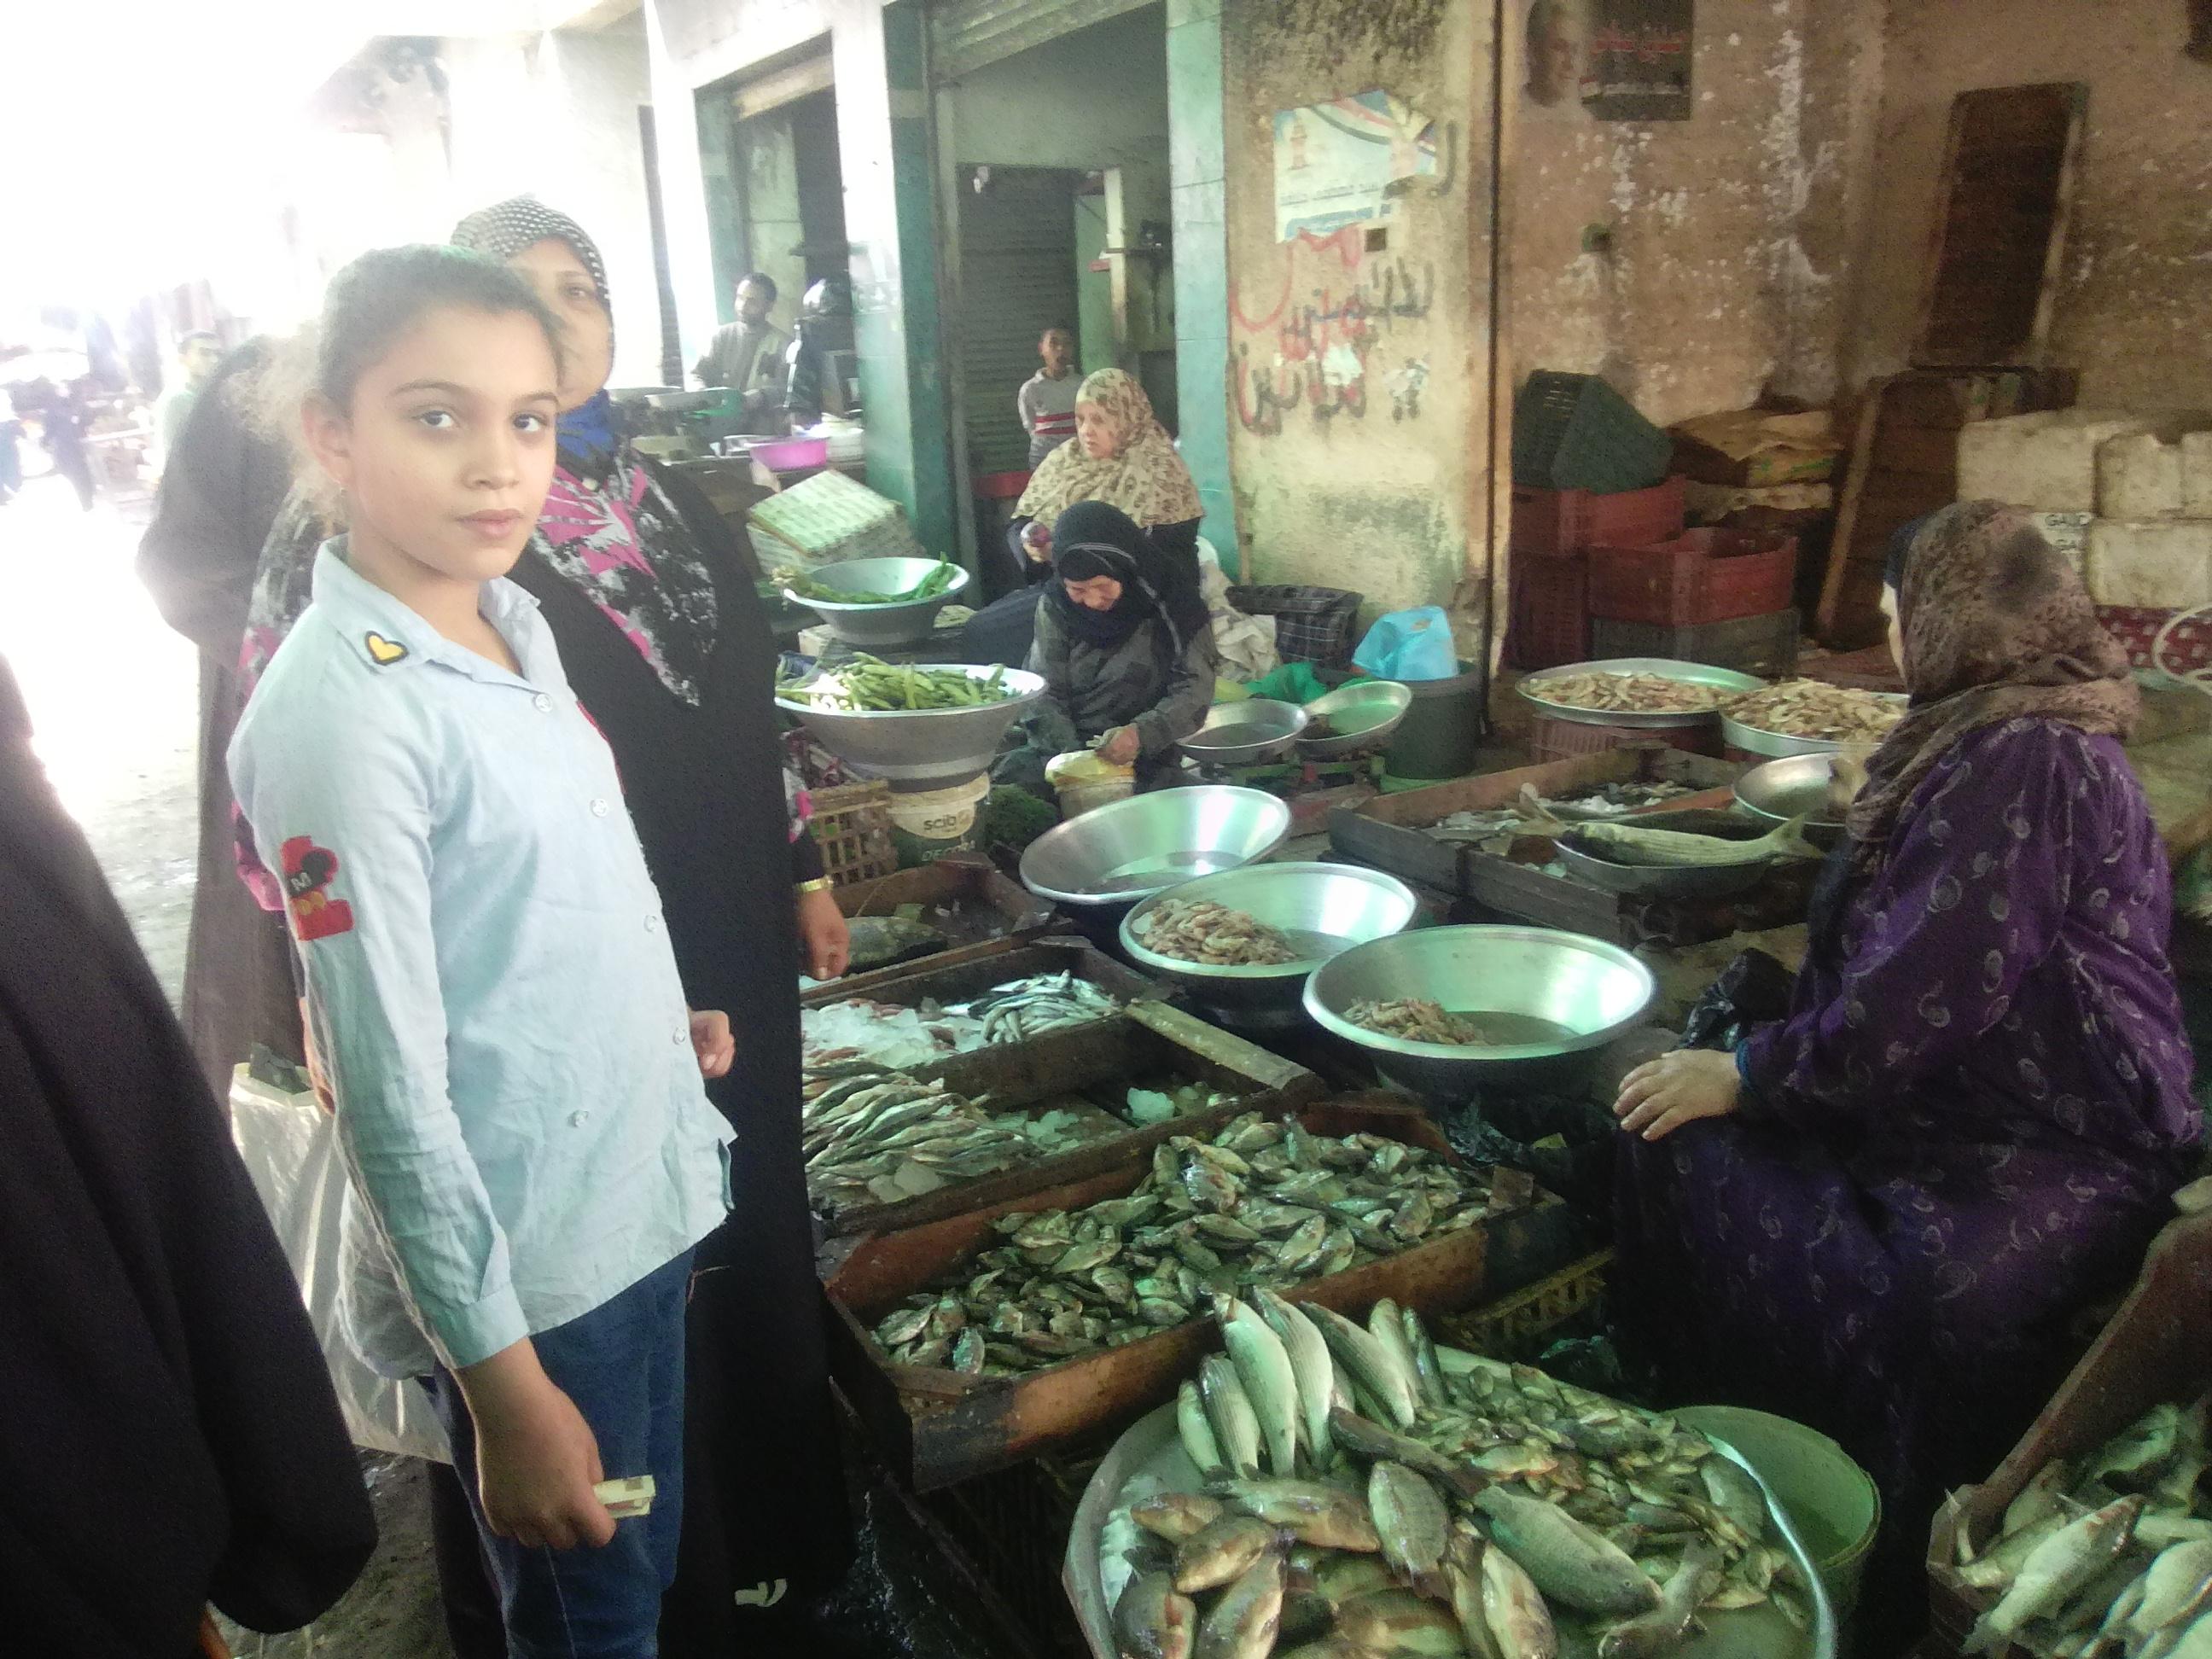 إقبال قليل على شراء الأسماك بكفر الشيخ